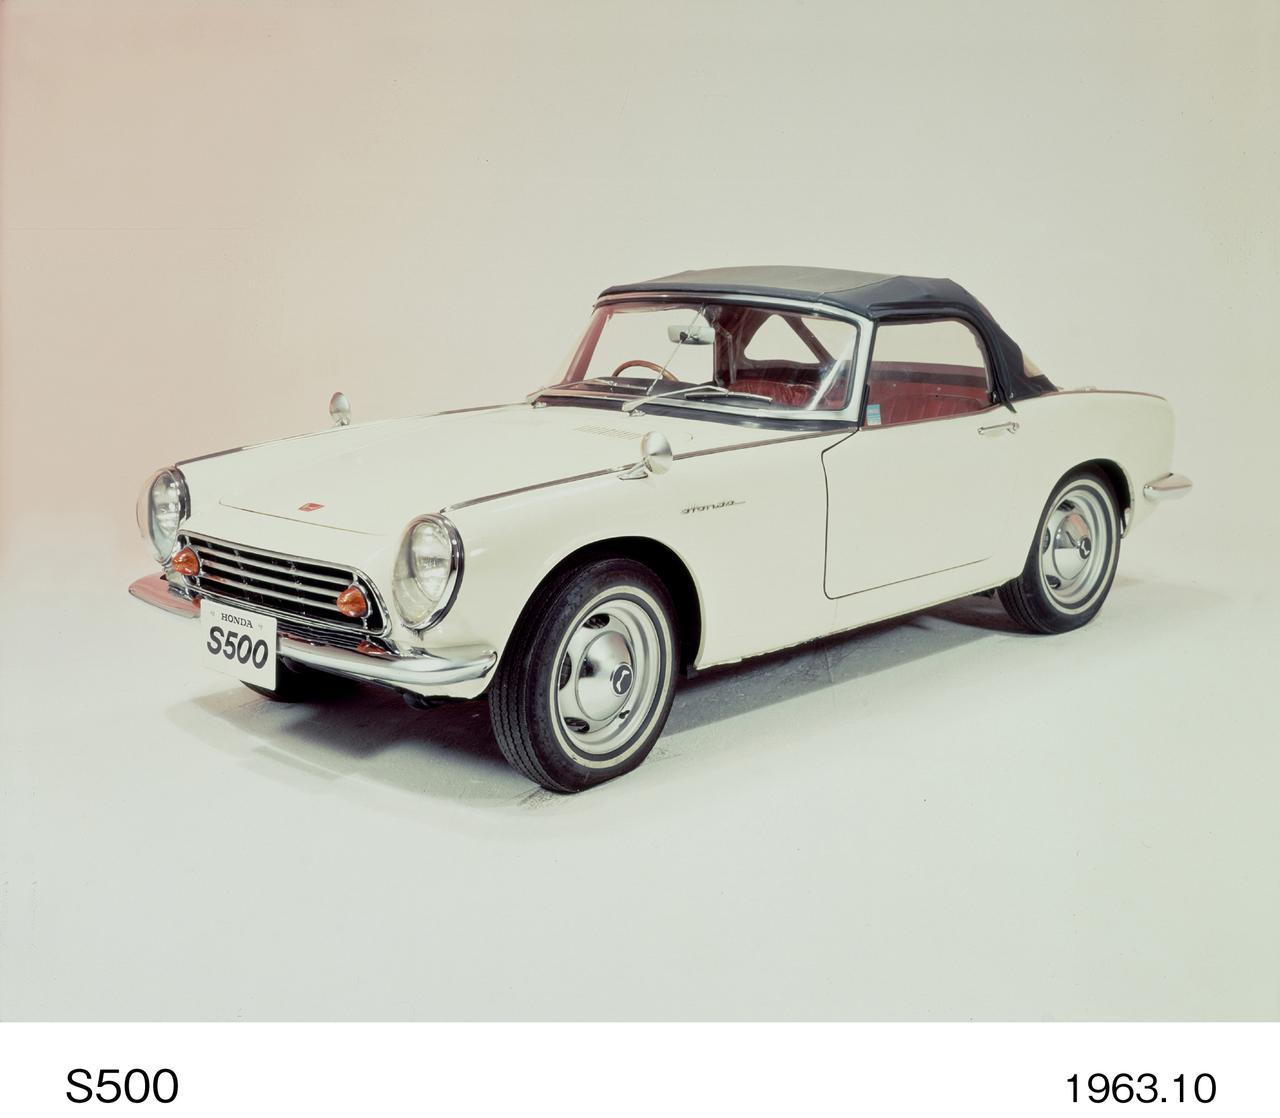 画像1: 最初のホンダの4輪乗用車はずばり「S500」!